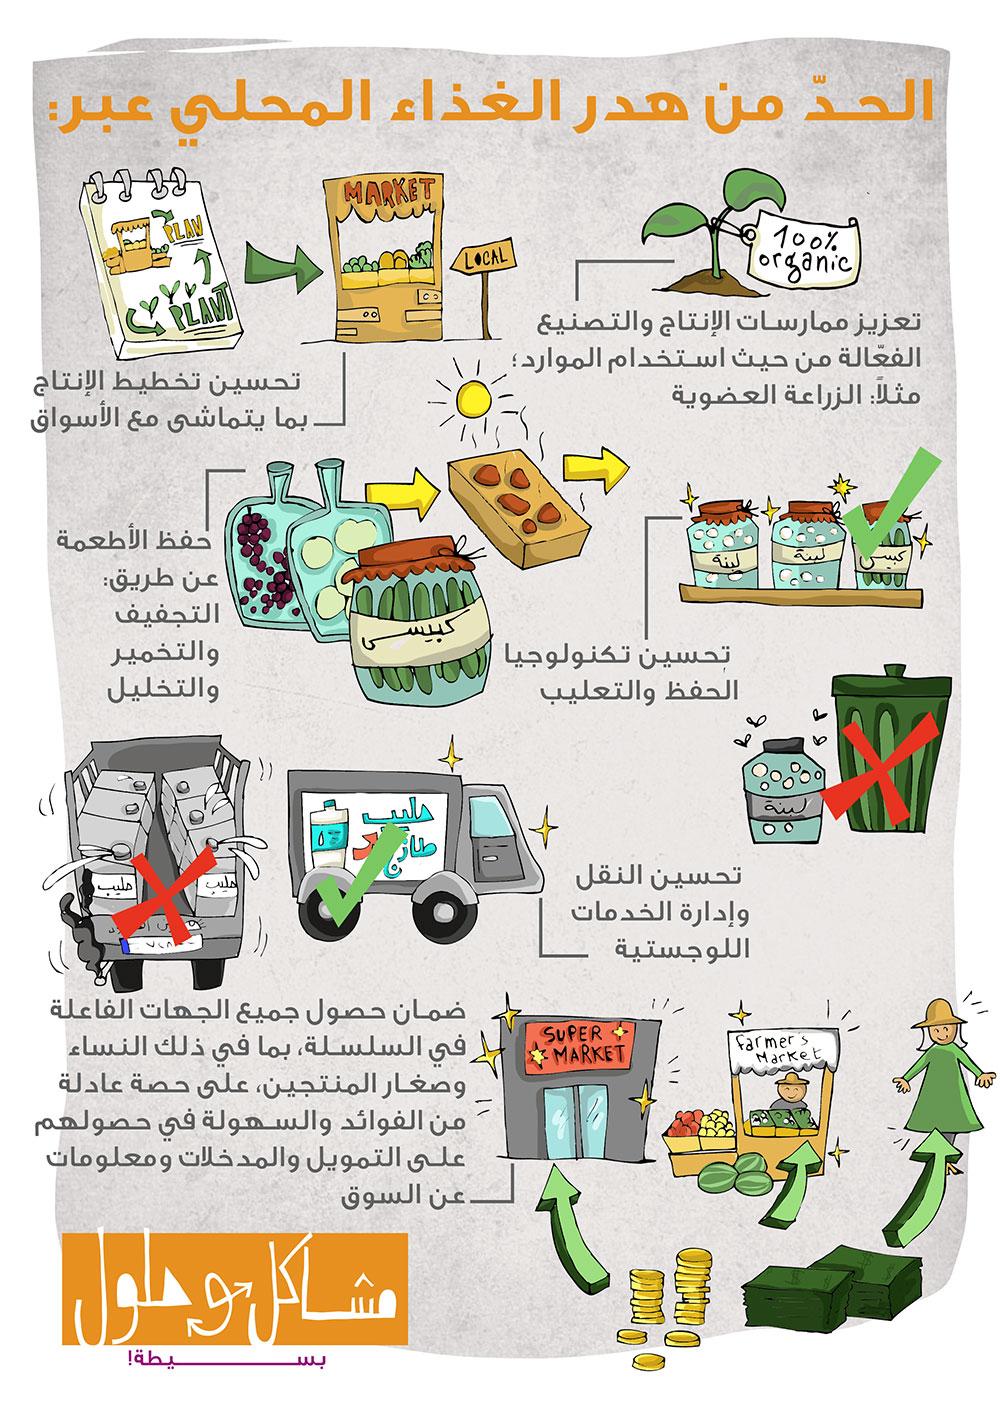 نصائح للمزارعين والمنتجين والمستهلكين